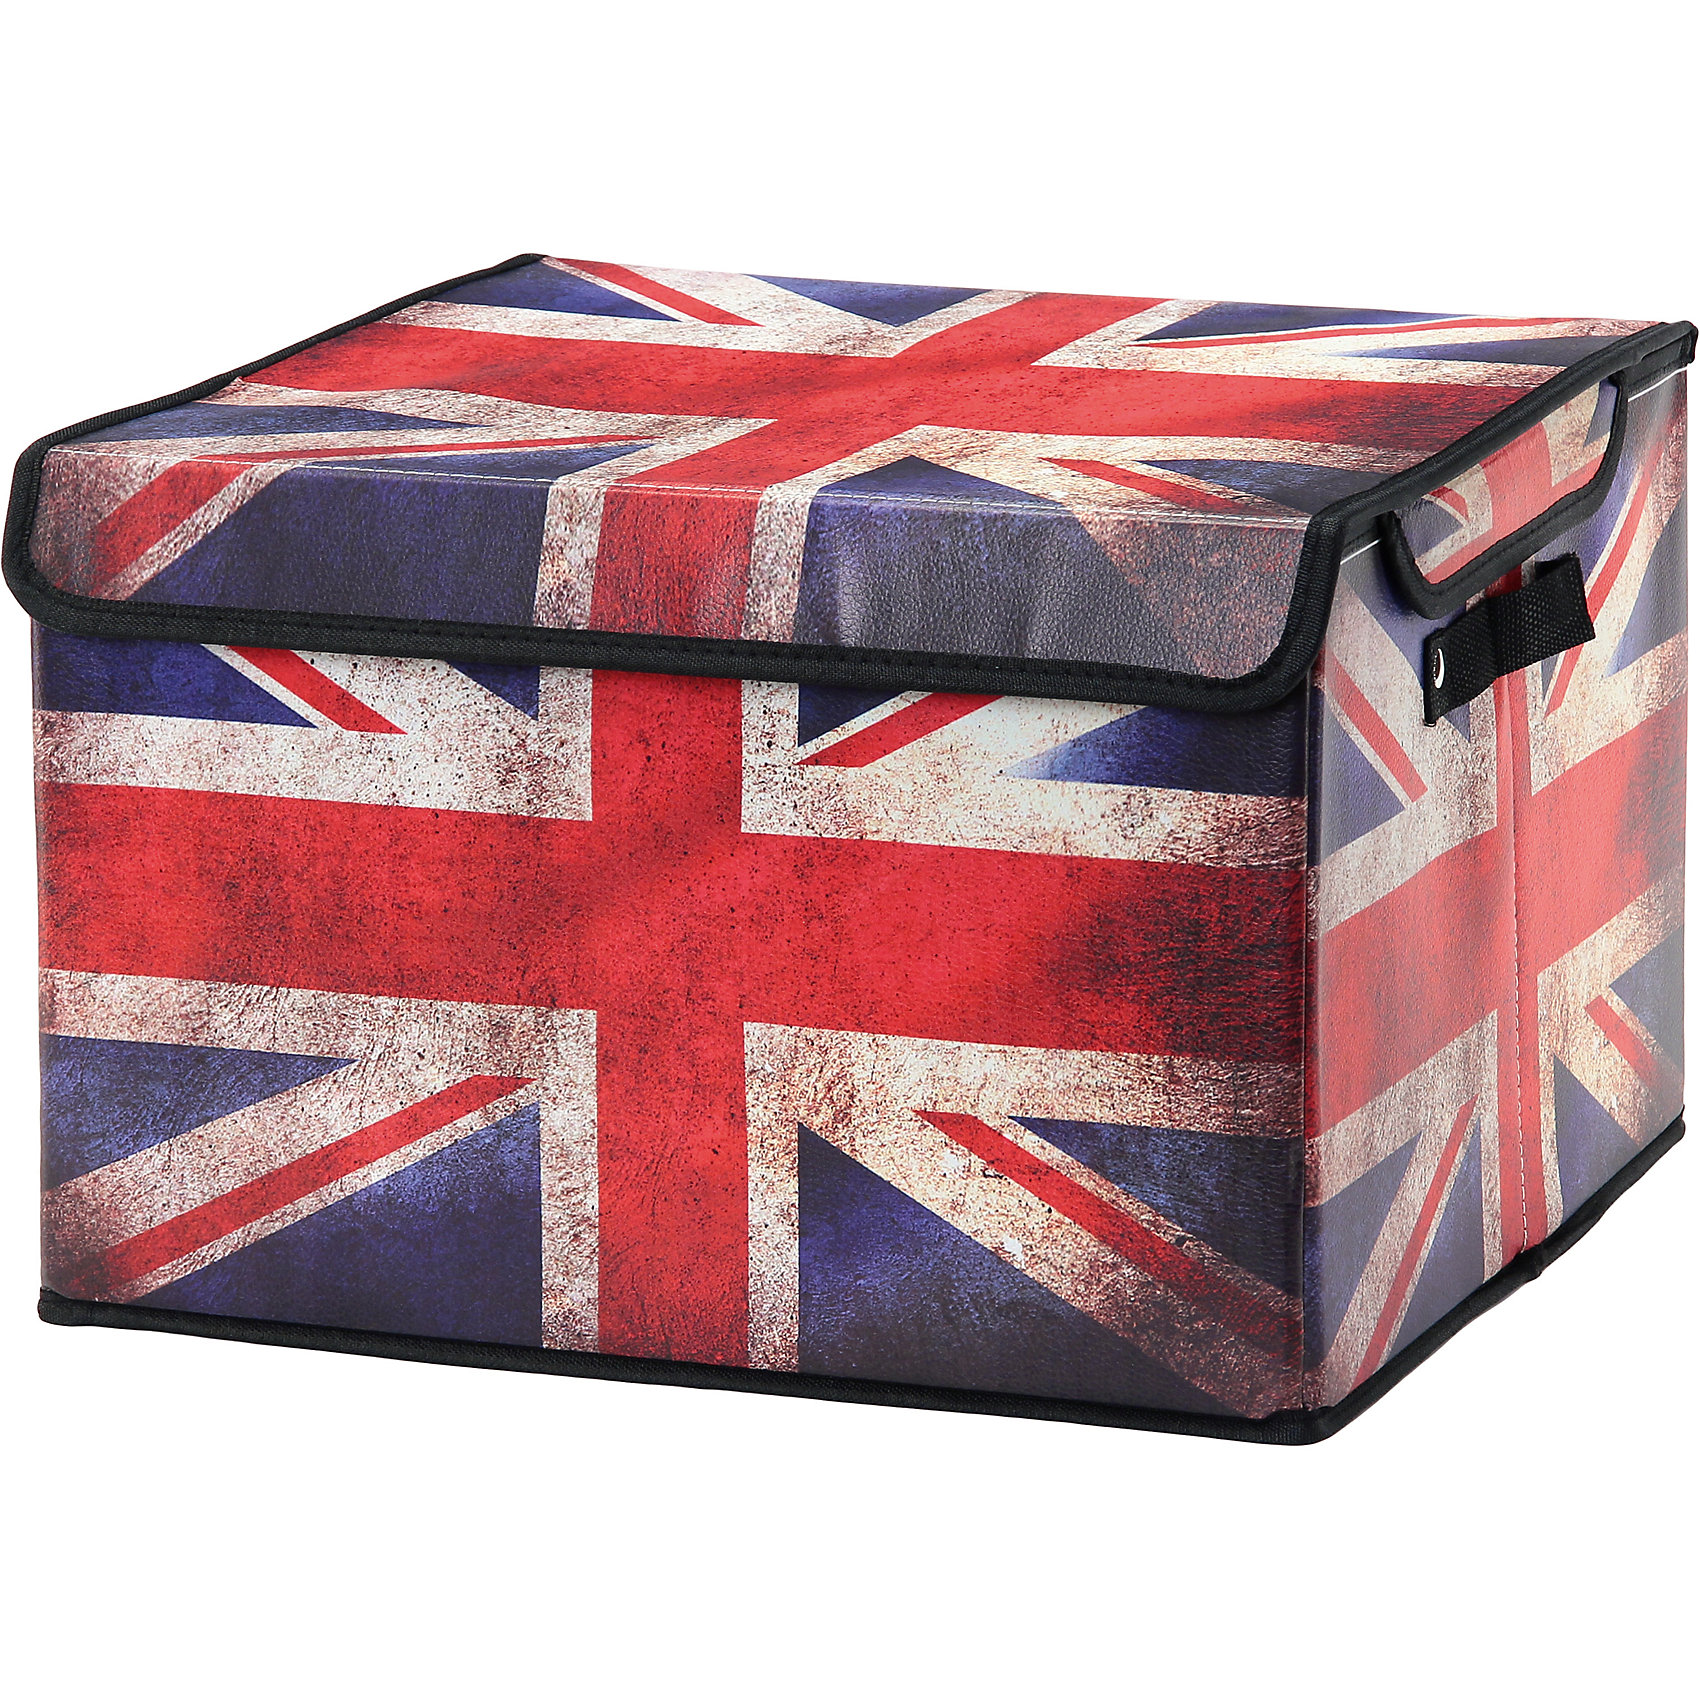 Кофр складной для хранения 41*36*26 см. Британский флаг, EL CasaПорядок в детской<br>Кофр с жёстким каркасом для хранения с двумя ручками в популярном стиде Британский флаг.  В нем можно хранить всевозможные предметы: книги, игрушки, рукоделие.   Яркий дизайн кофра привнесет в Ваш интерьер неповторимый шарм.<br><br>Ширина мм: 410<br>Глубина мм: 360<br>Высота мм: 20<br>Вес г: 1375<br>Возраст от месяцев: 0<br>Возраст до месяцев: 1188<br>Пол: Унисекс<br>Возраст: Детский<br>SKU: 6668663